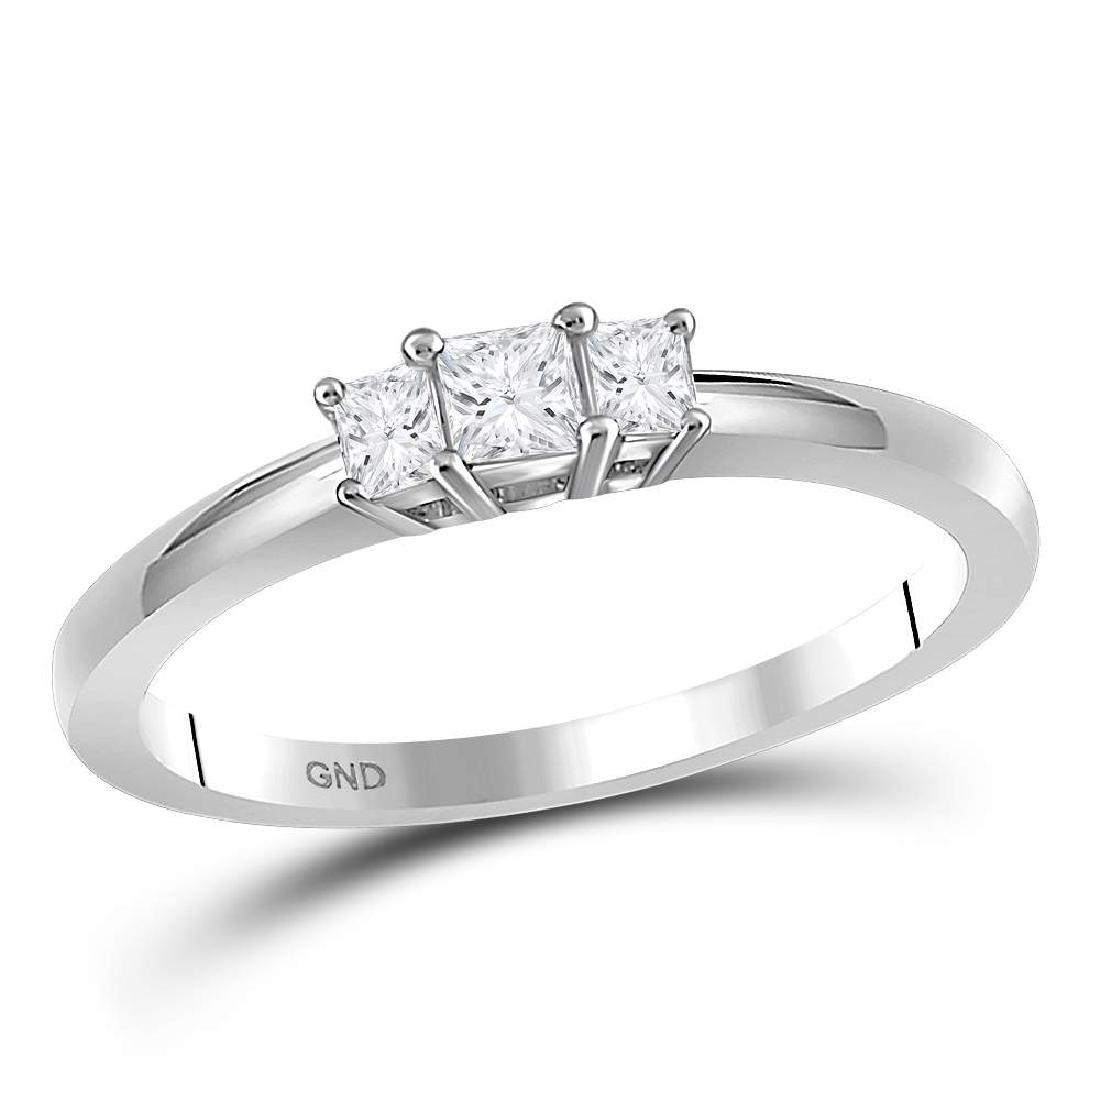 0.26 CTW Princess Diamond 3-stone Certified Bridal Ring